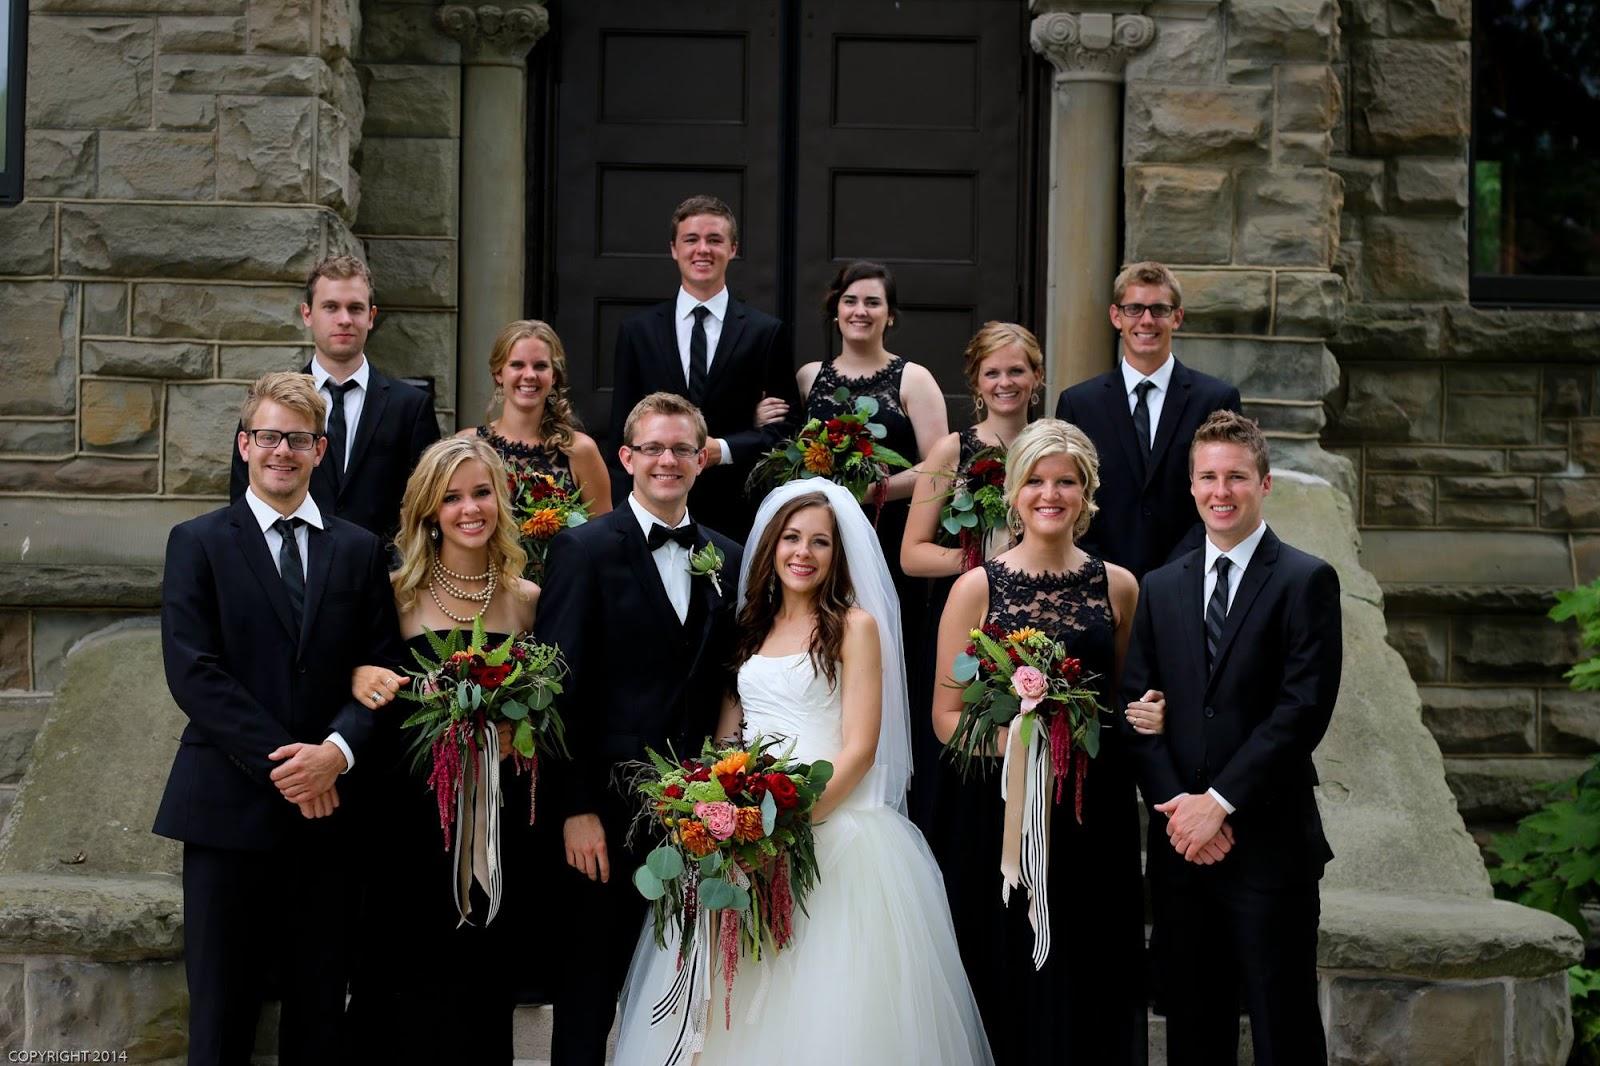 Holland mardy wedding